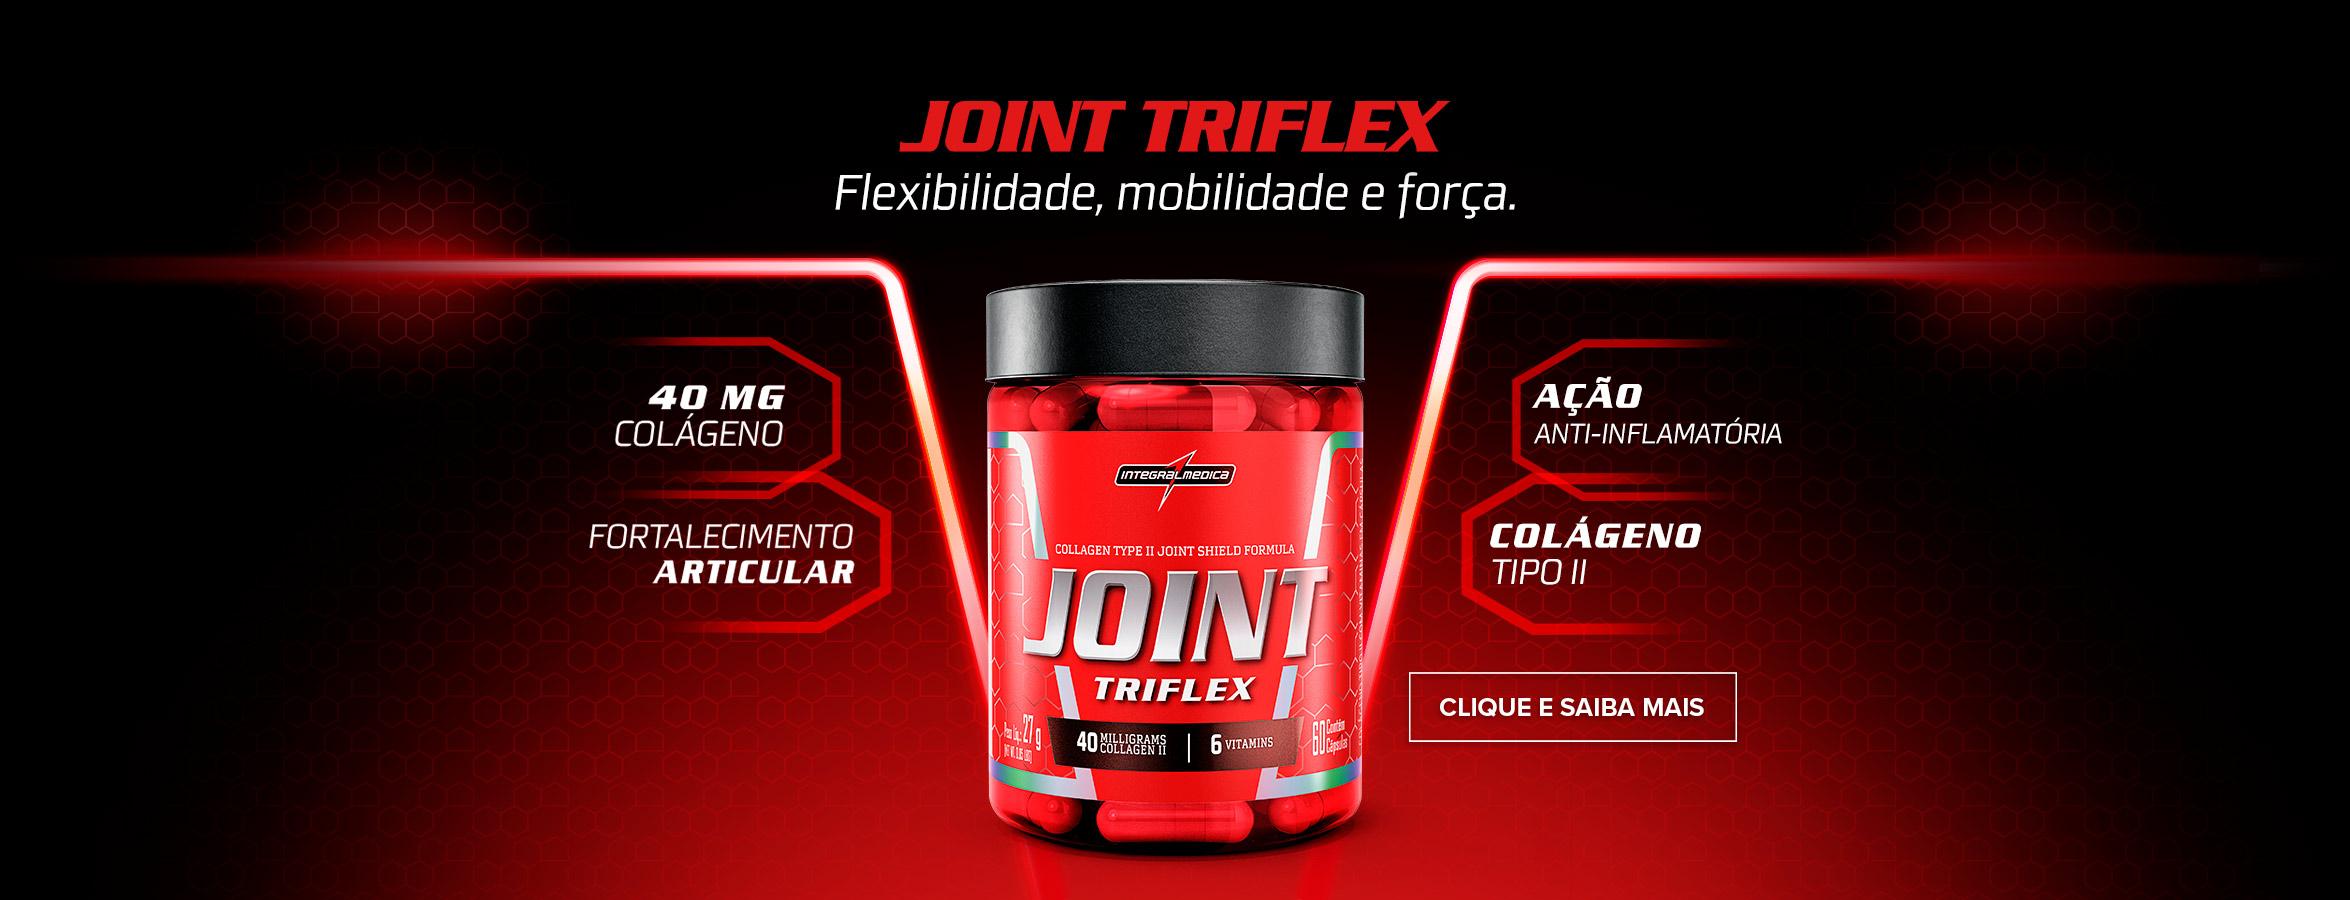 Joint Triplex